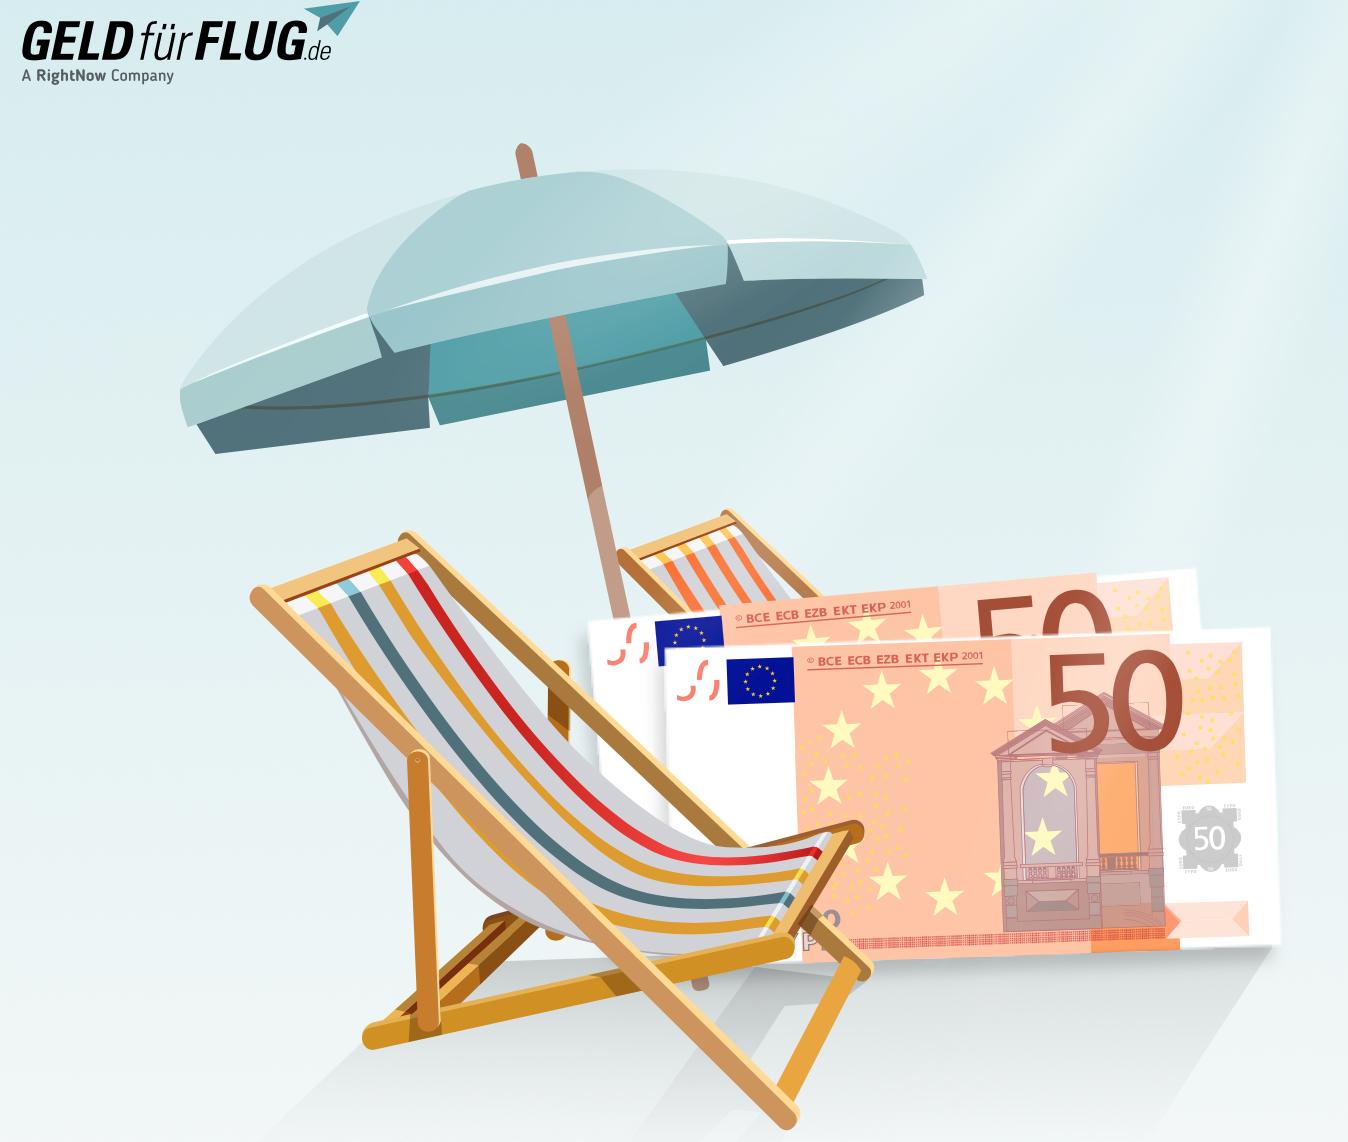 50 EUR Cash on top bei Geld-für-Flug bei stornierten/nicht angetretenen Pauschalreisen! 3 Jahre rückwirkend...